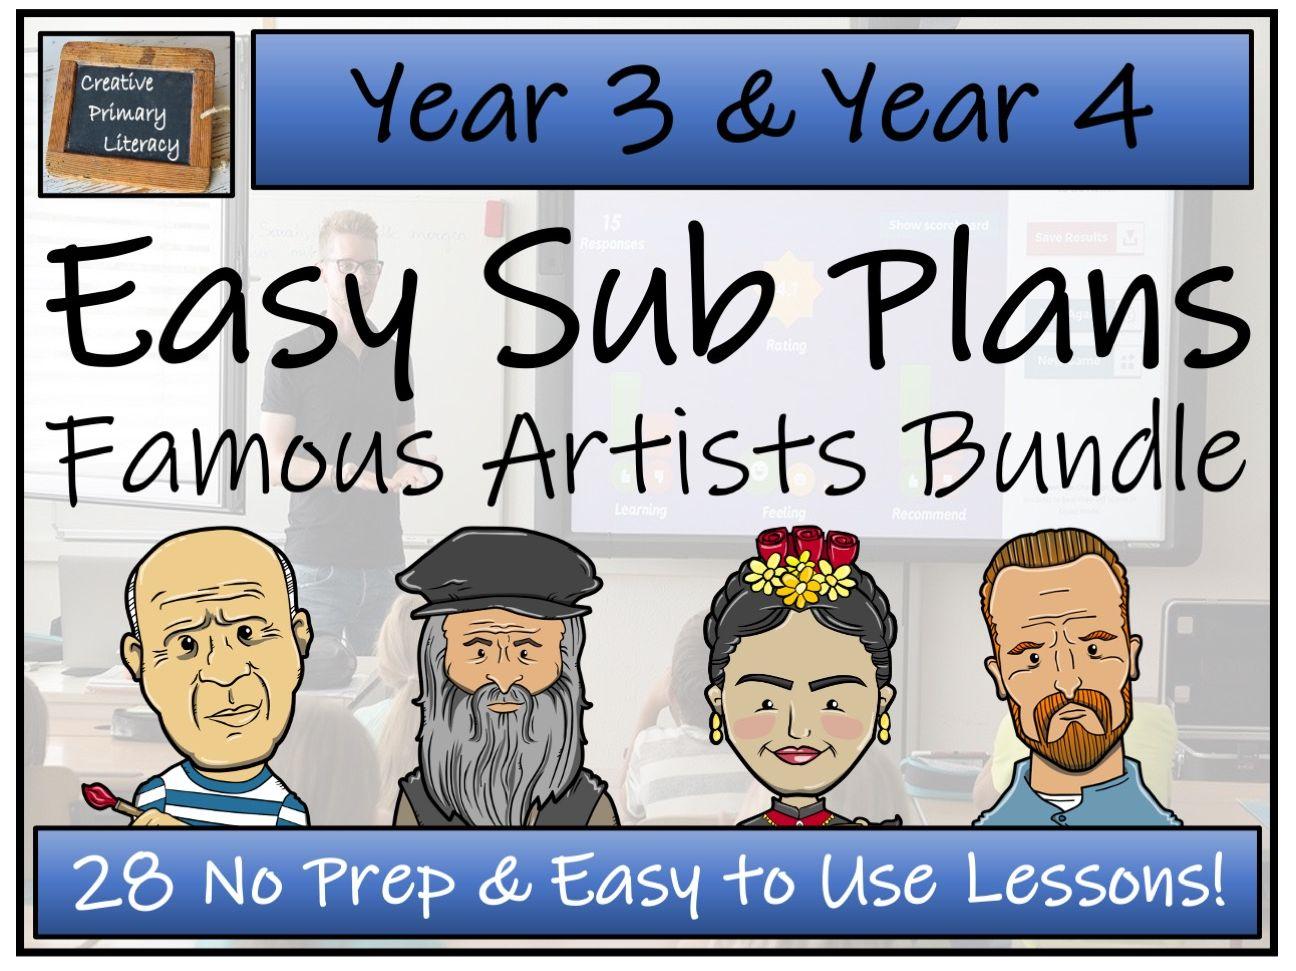 LKS2 Easy Substitution Plans   Famous Artists Bundle